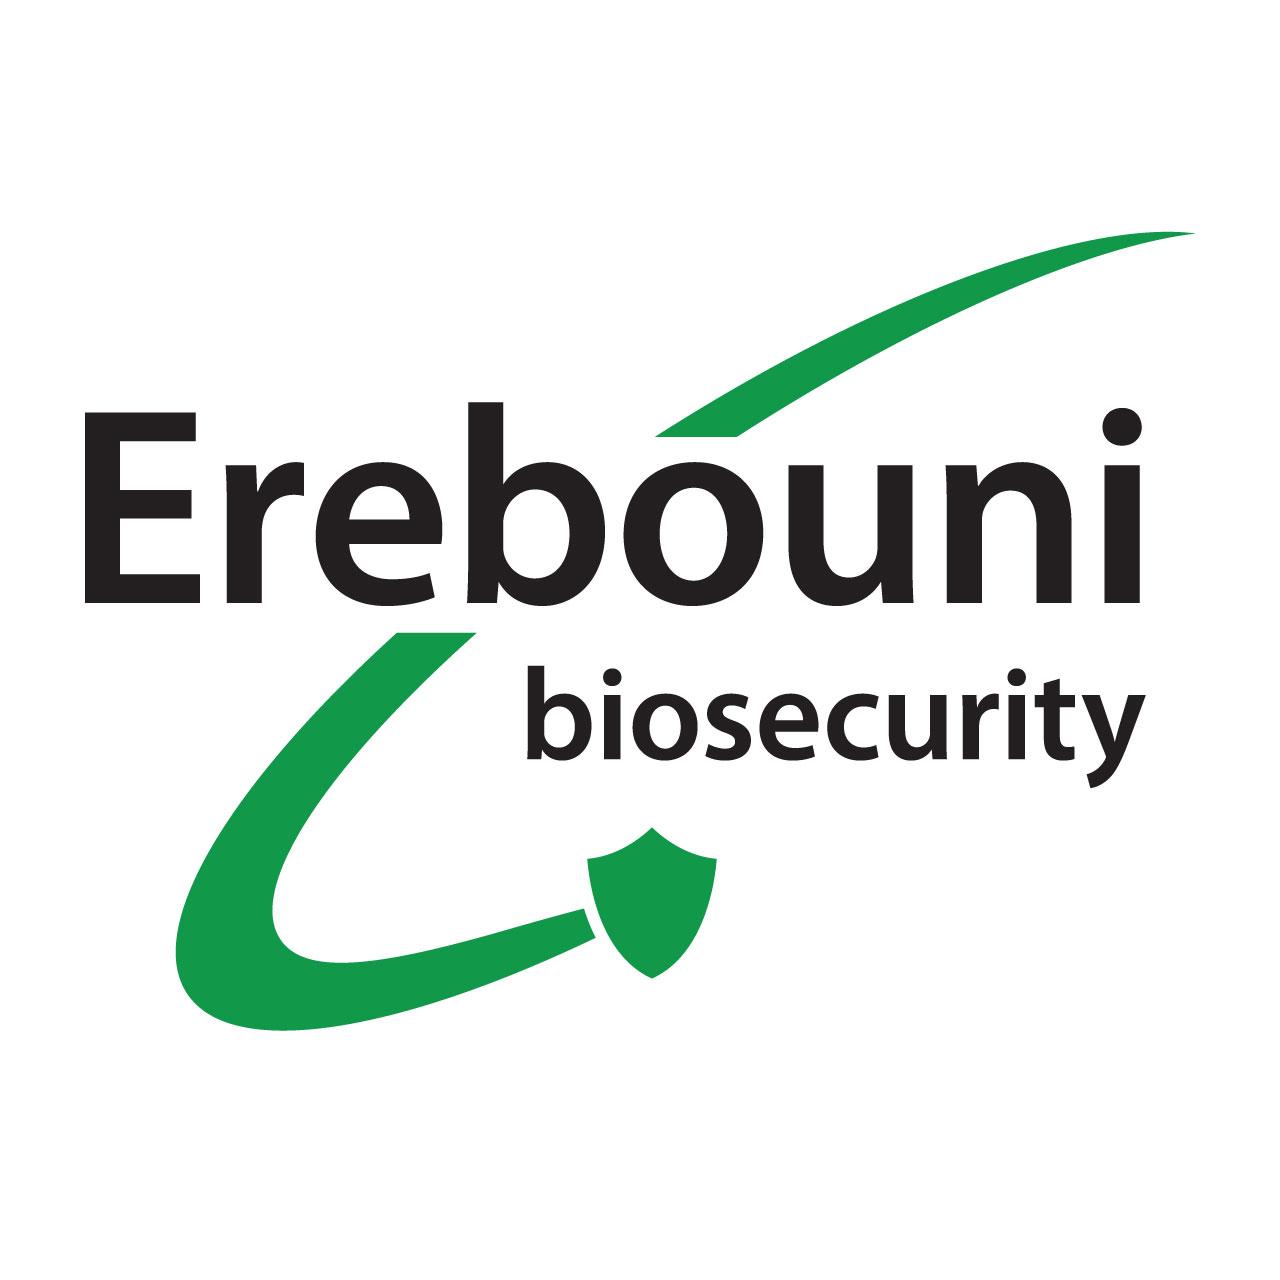 Erebouni Biosecurity logo